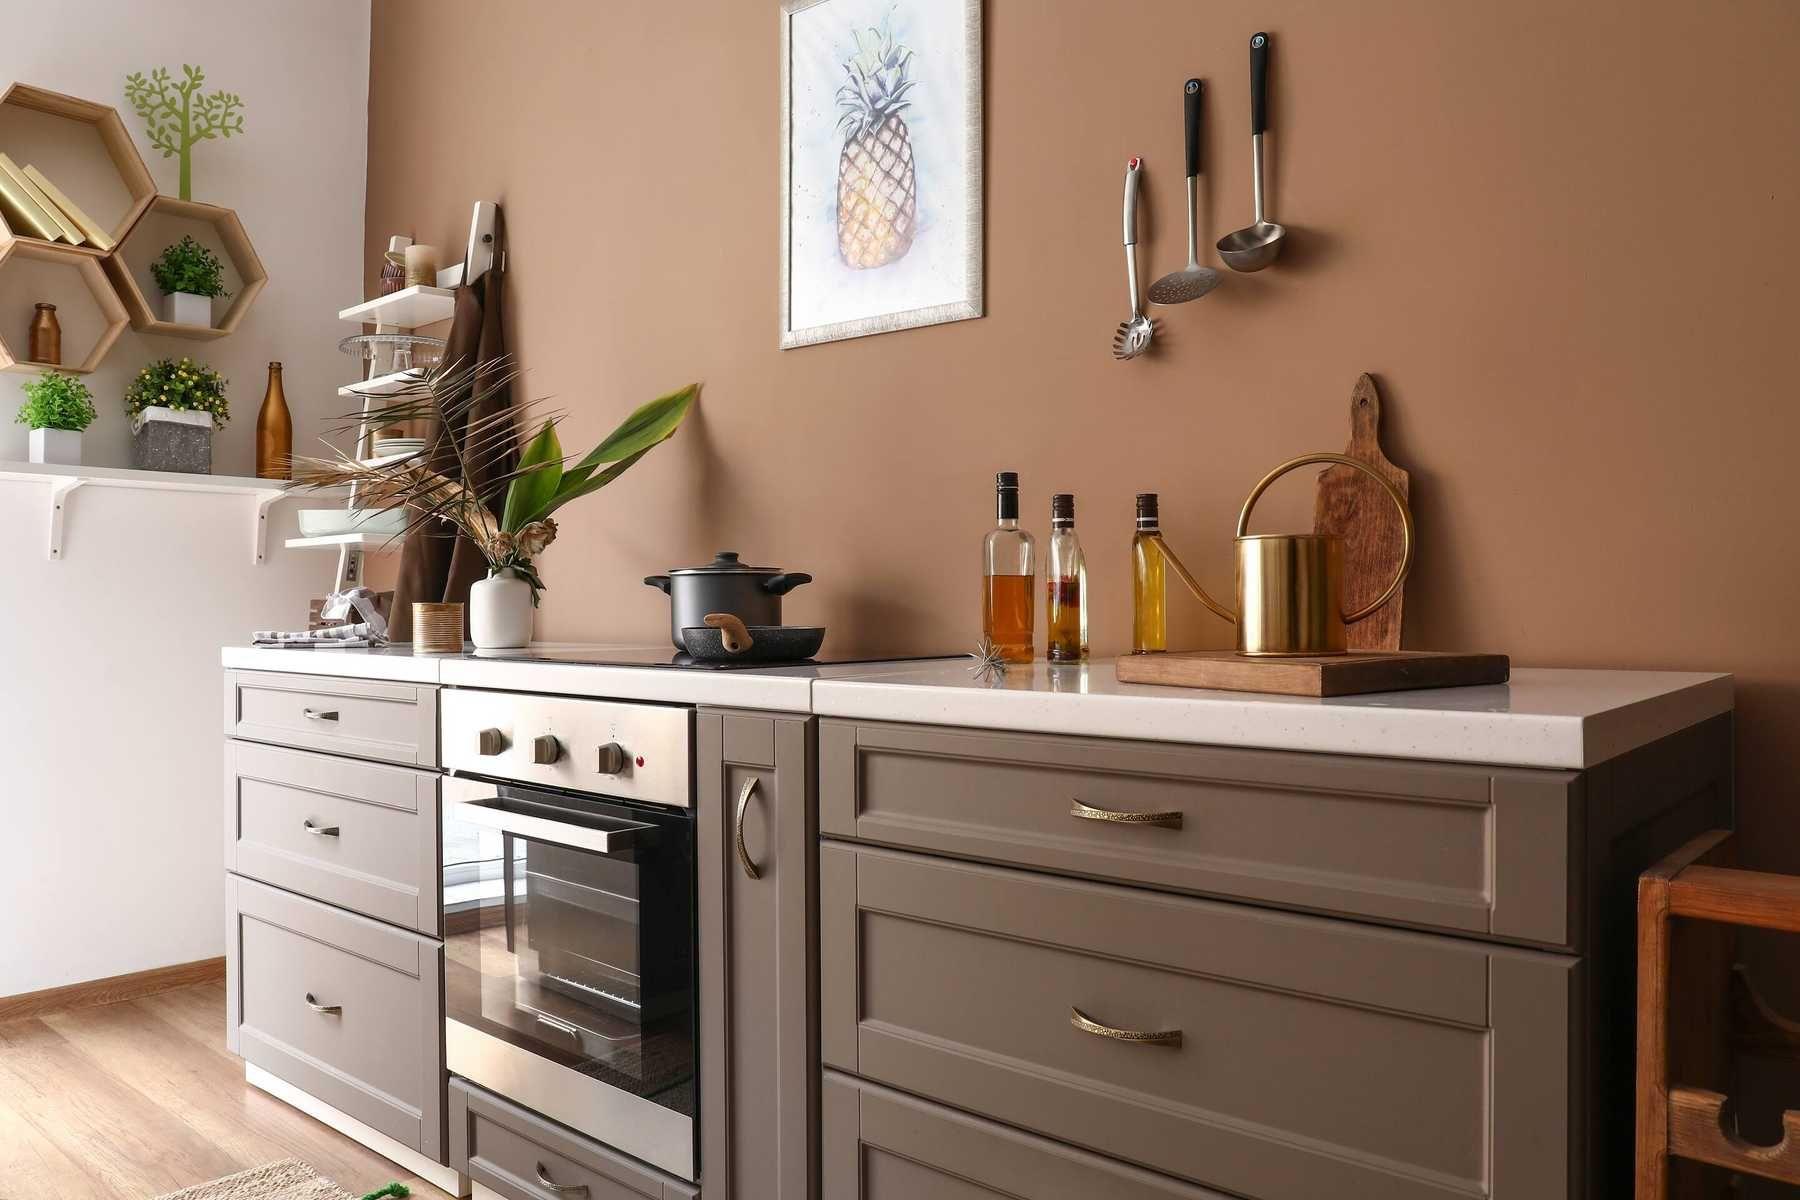 Trang trí cây xanh trong nhà bếp